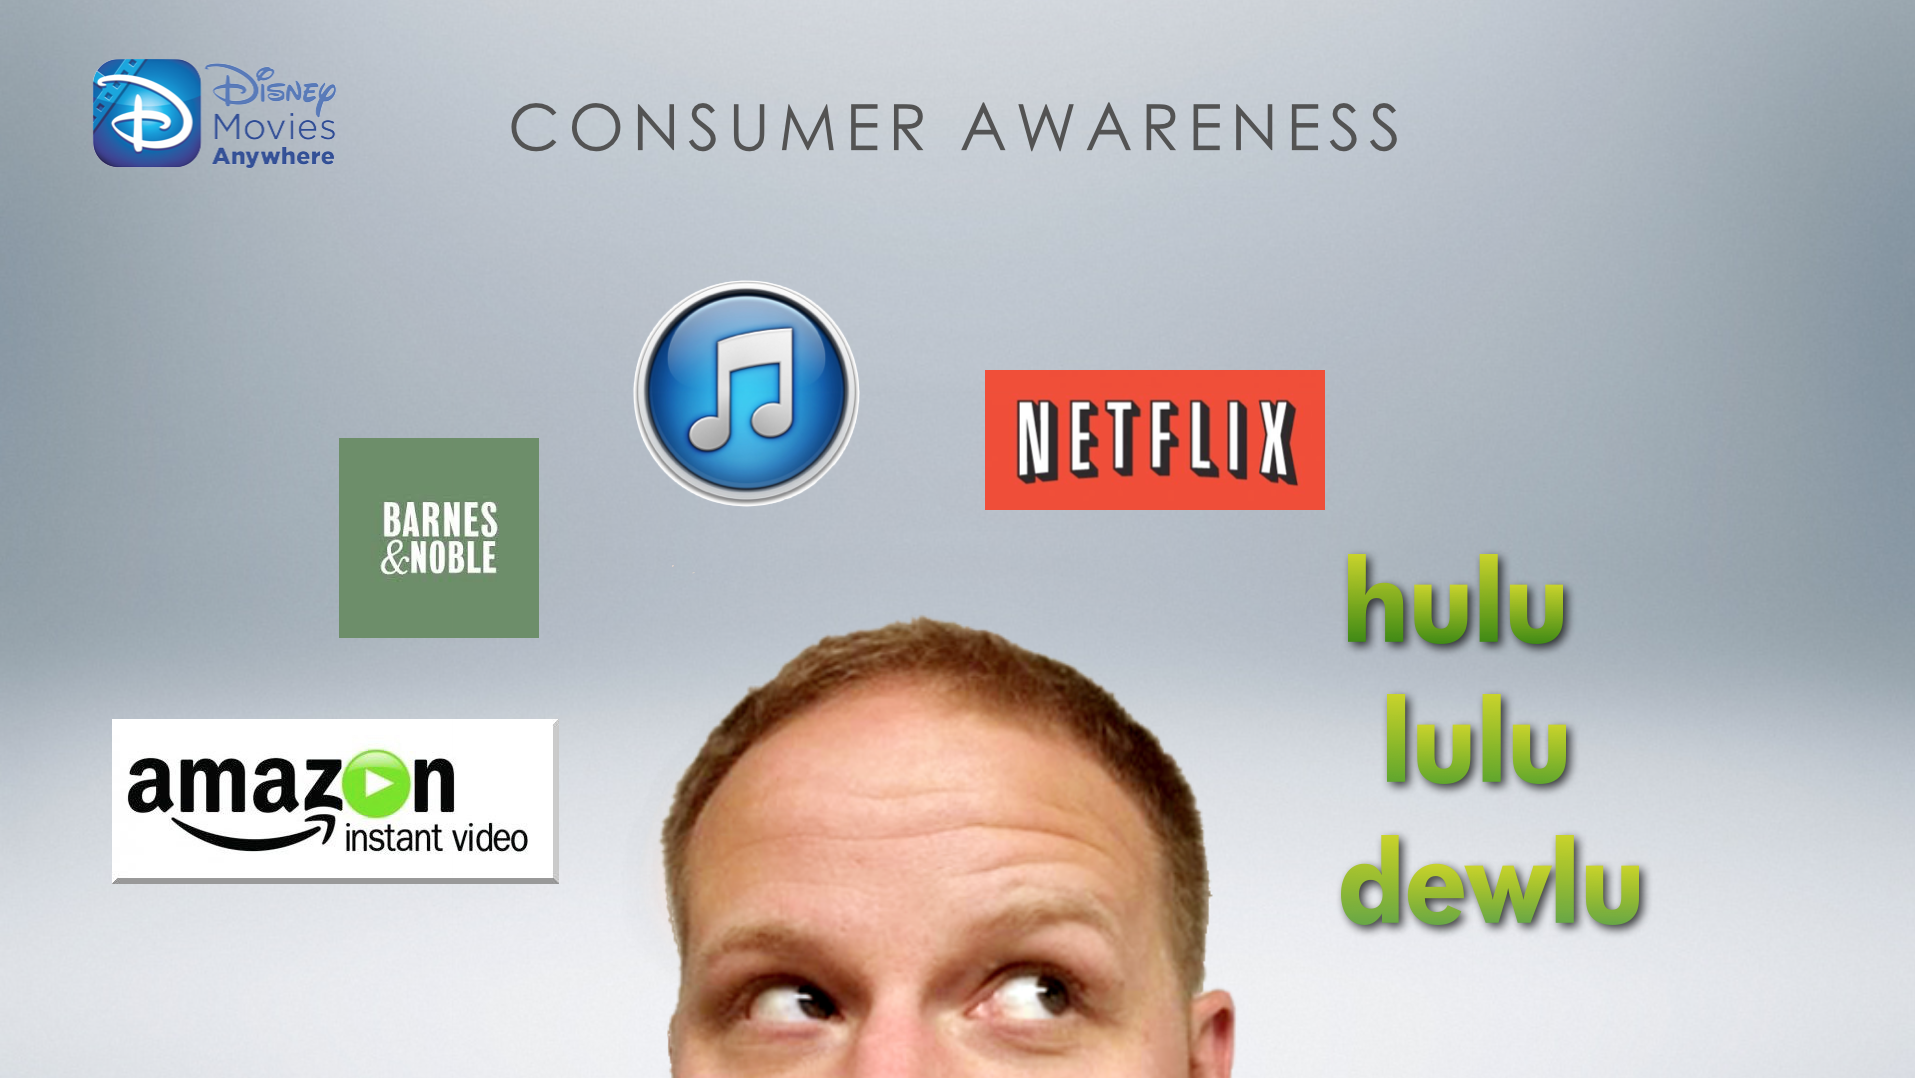 Arism_ConsumerAwareness_DMA.png